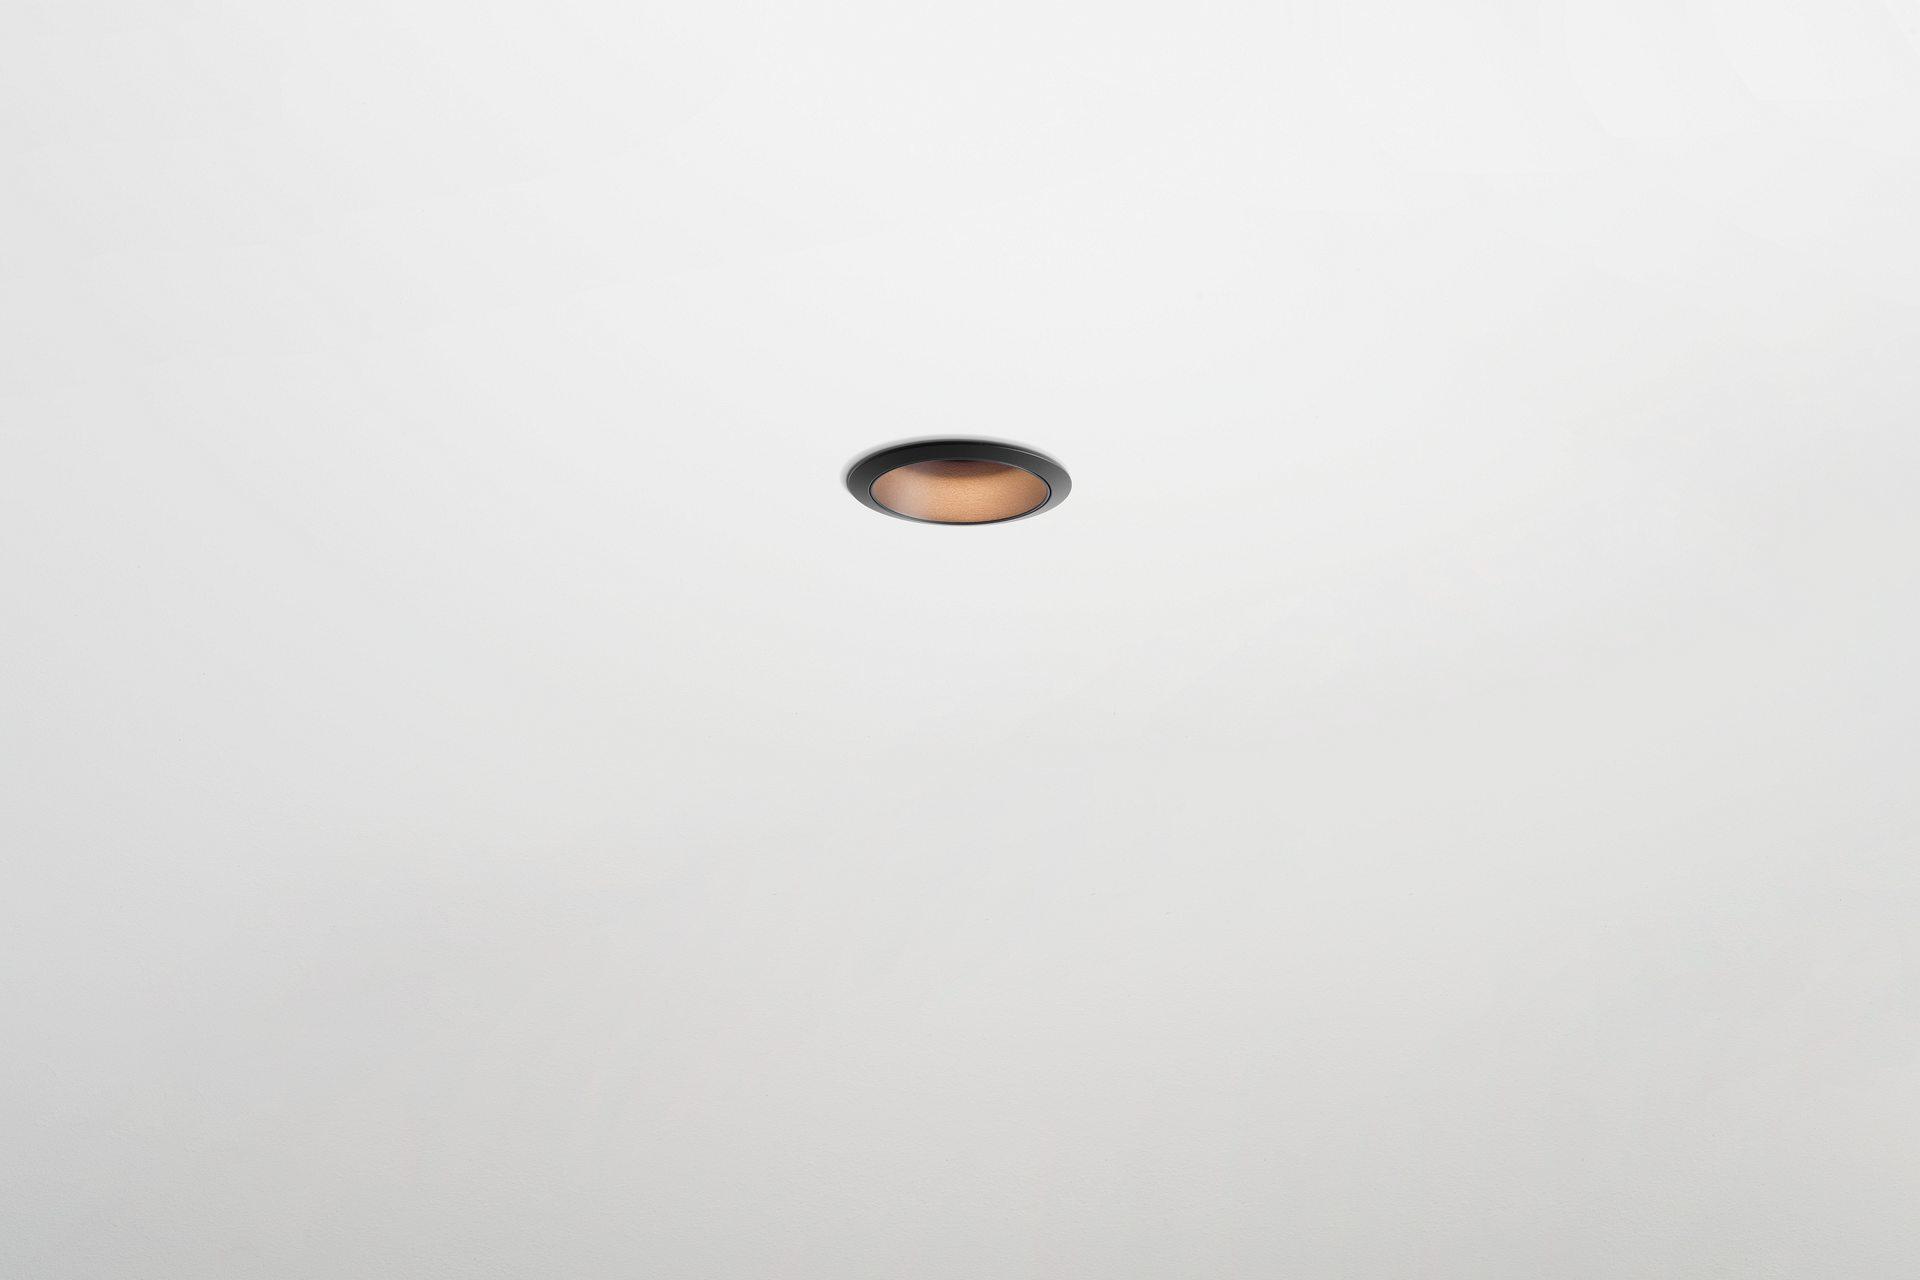 HEDION 60 LED Trim